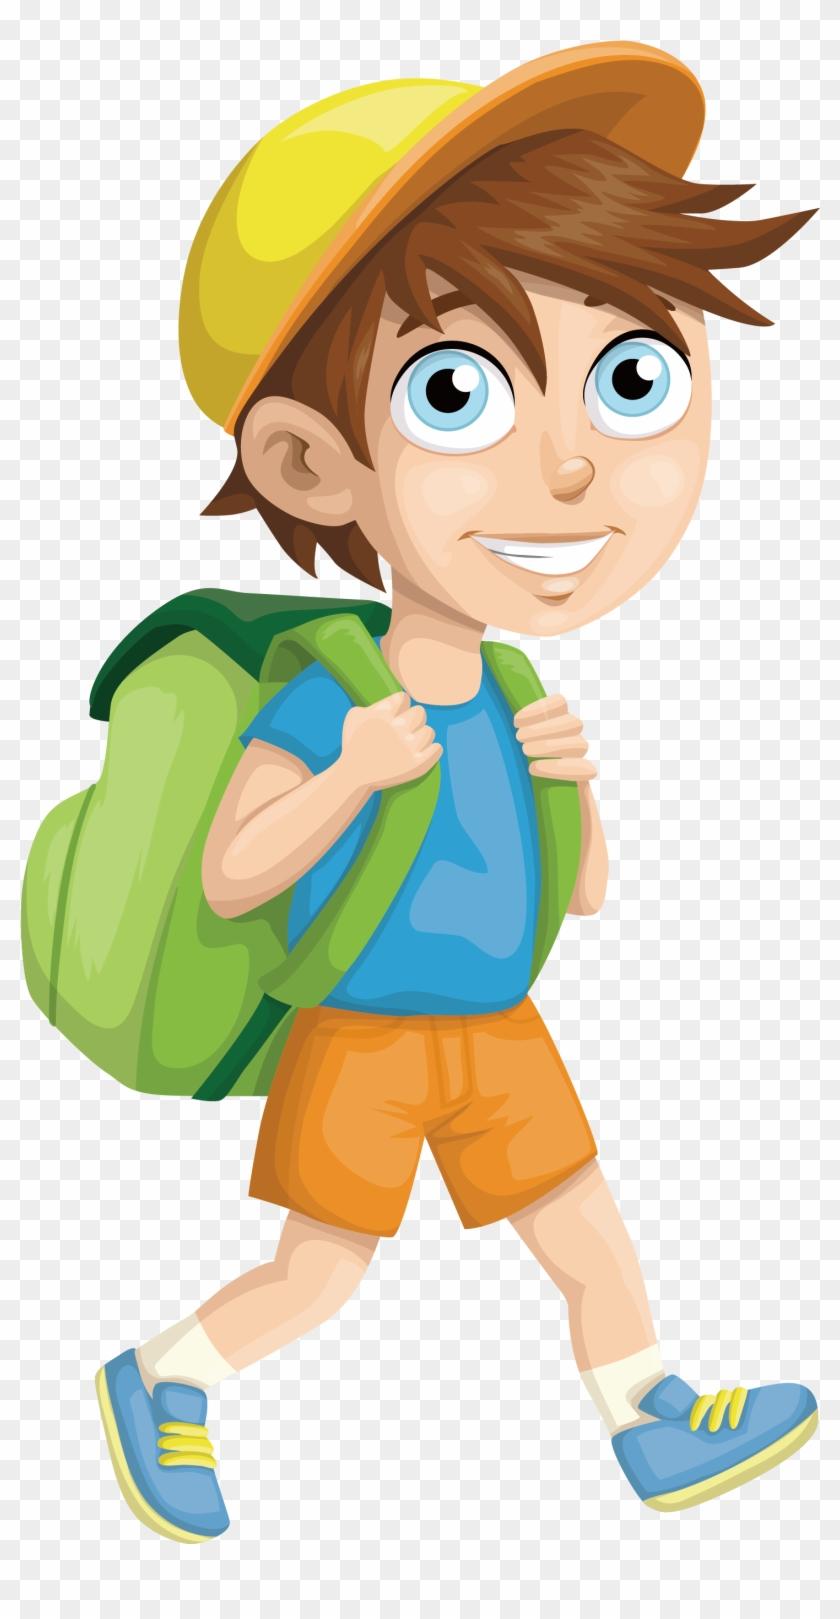 Student School Clip Art - School Boy Vector Png #232129